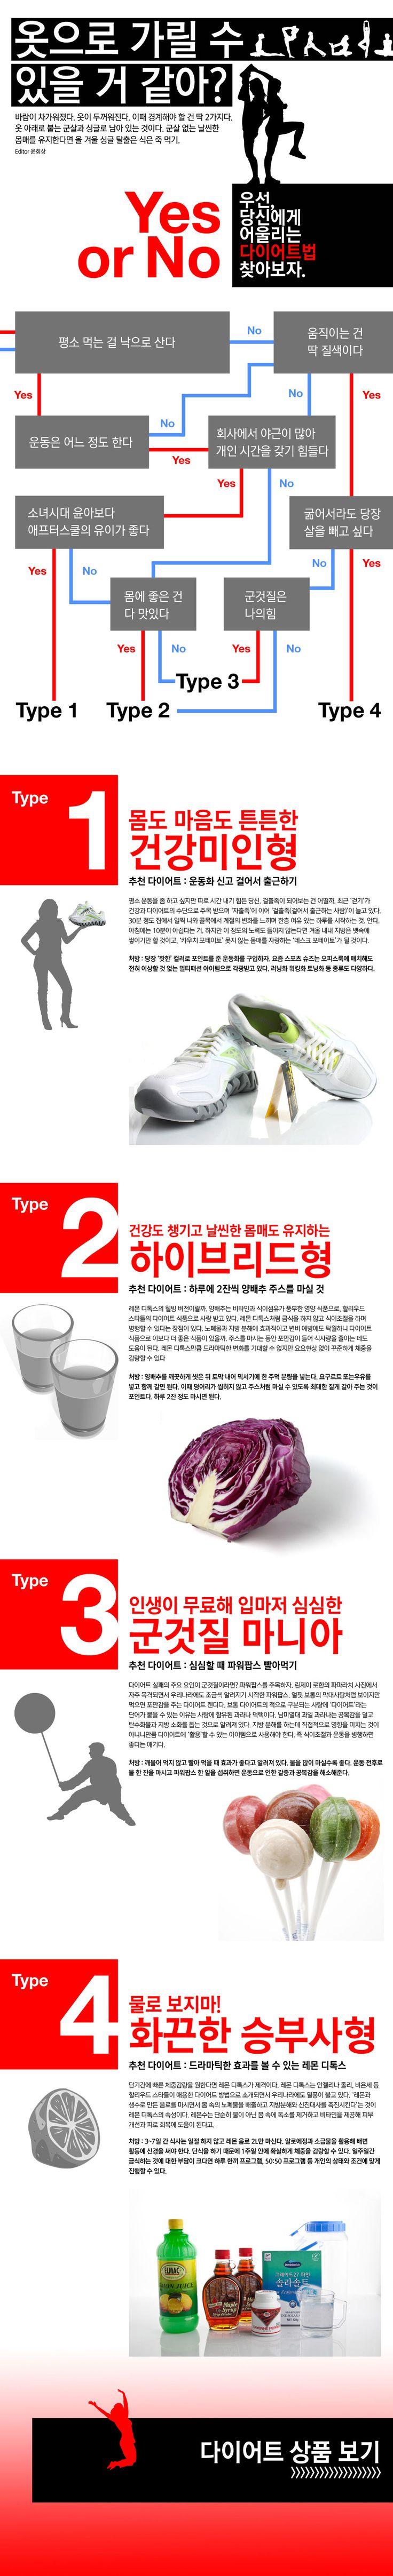 겨울철 다이어트 공략법